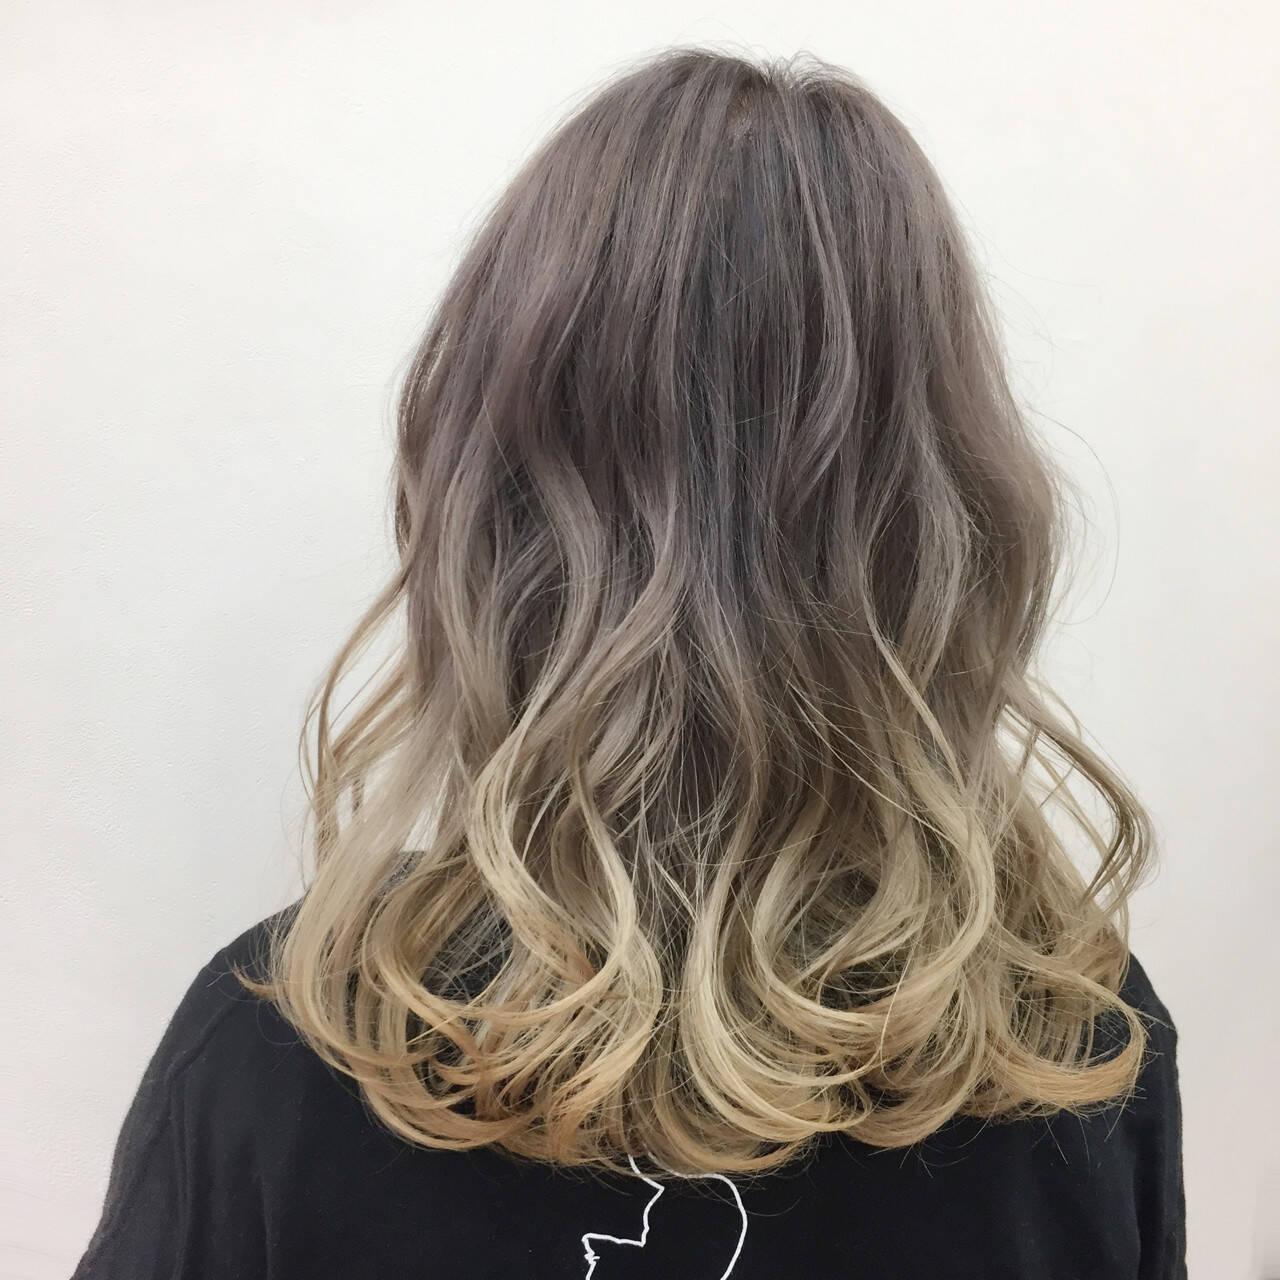 モード グラデーションカラー ハイトーン ミディアムヘアスタイルや髪型の写真・画像